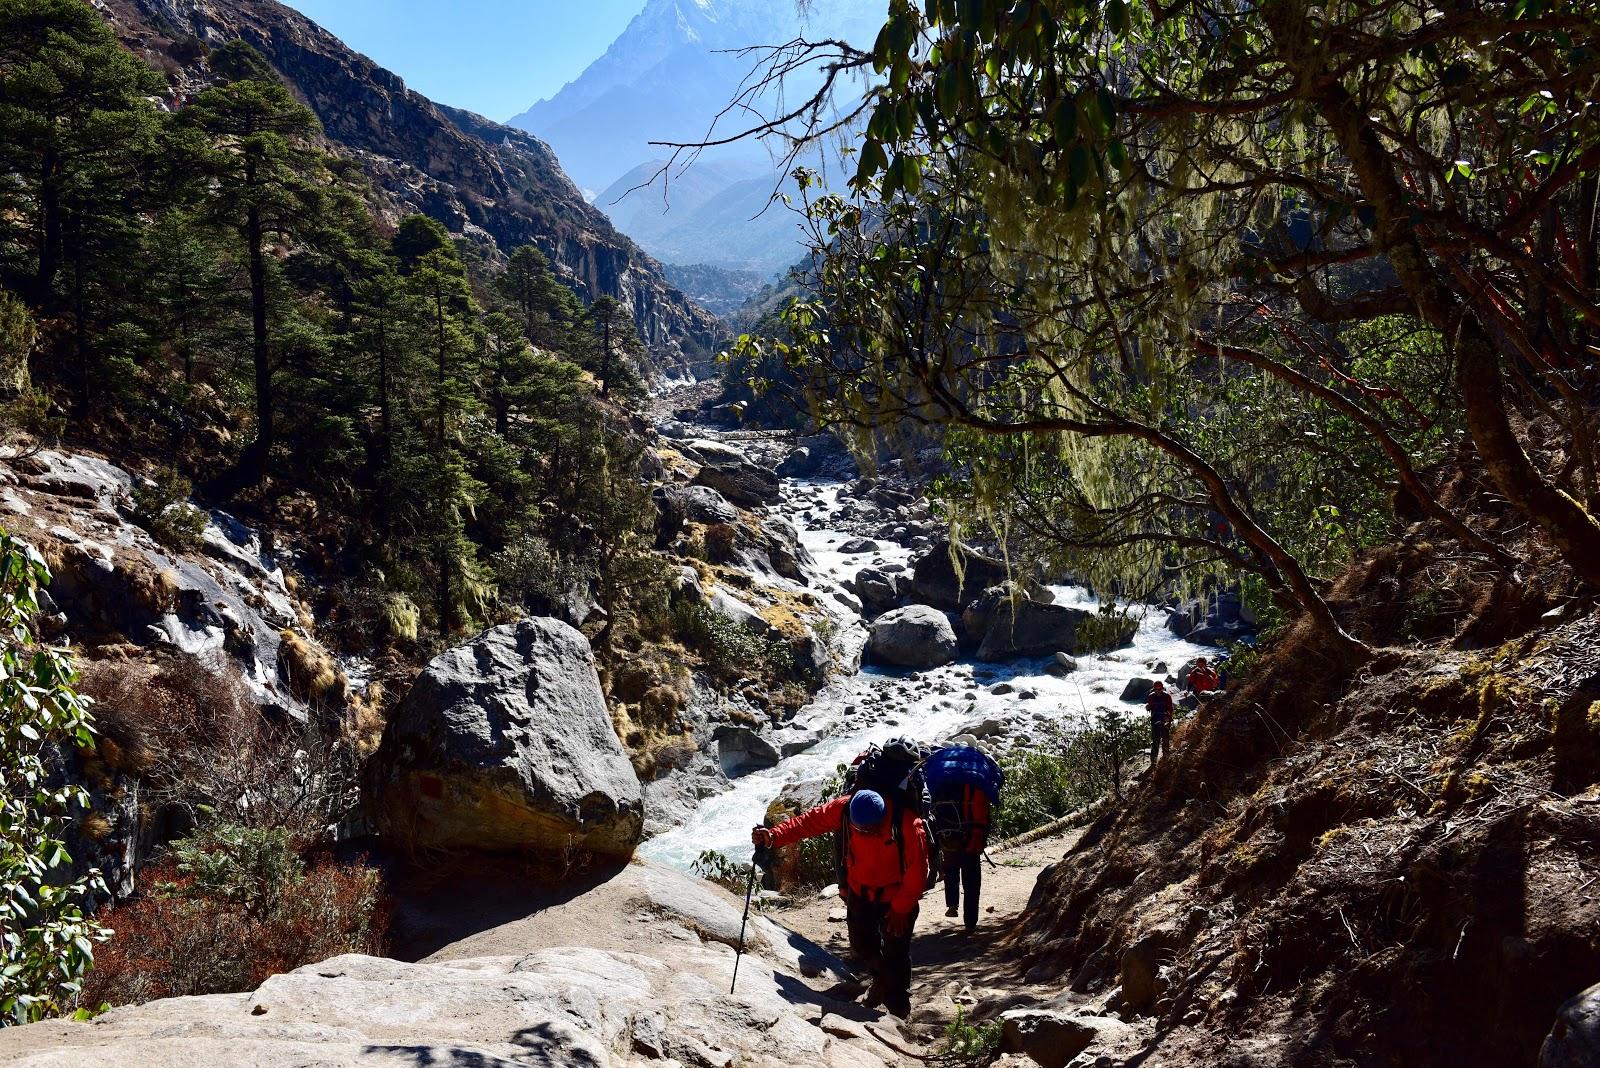 尼泊爾  PART2  Everest Base Camp  勇喘聖母峰基地營  丁波崎-羅波崎-樂高雪